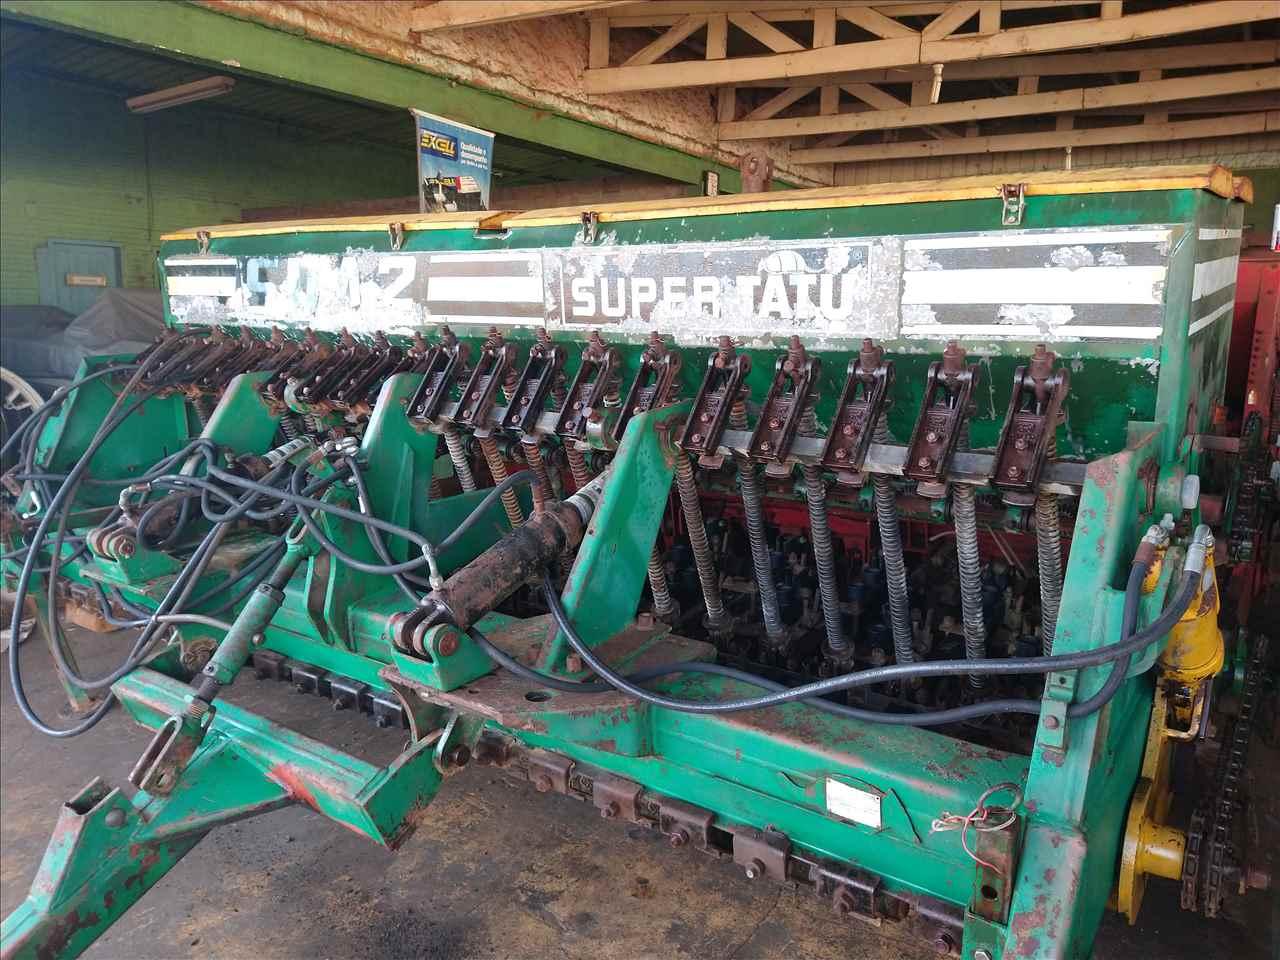 PSA3 de P. M. Muller Maquinas e Implementos Agrícolas - SALTO DO LONTRA/PR